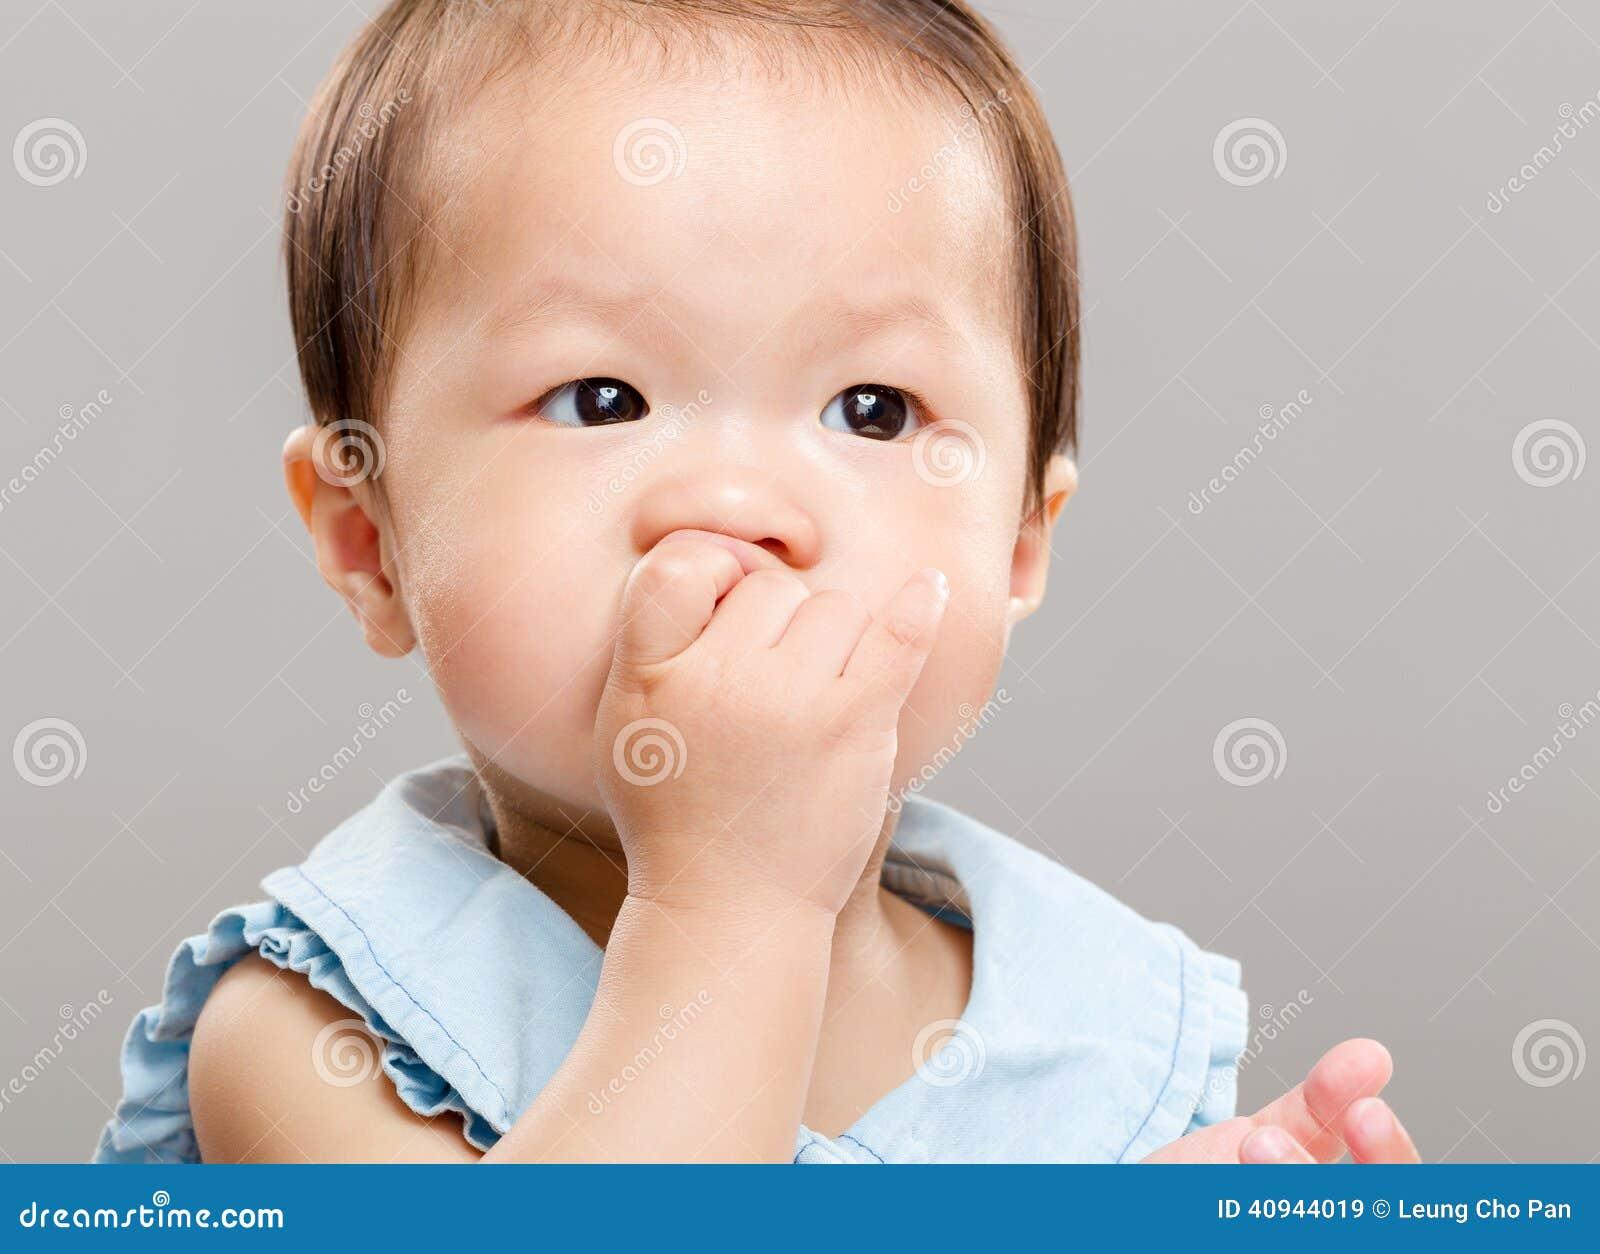 Ребёнок всасывая ее палец в рот